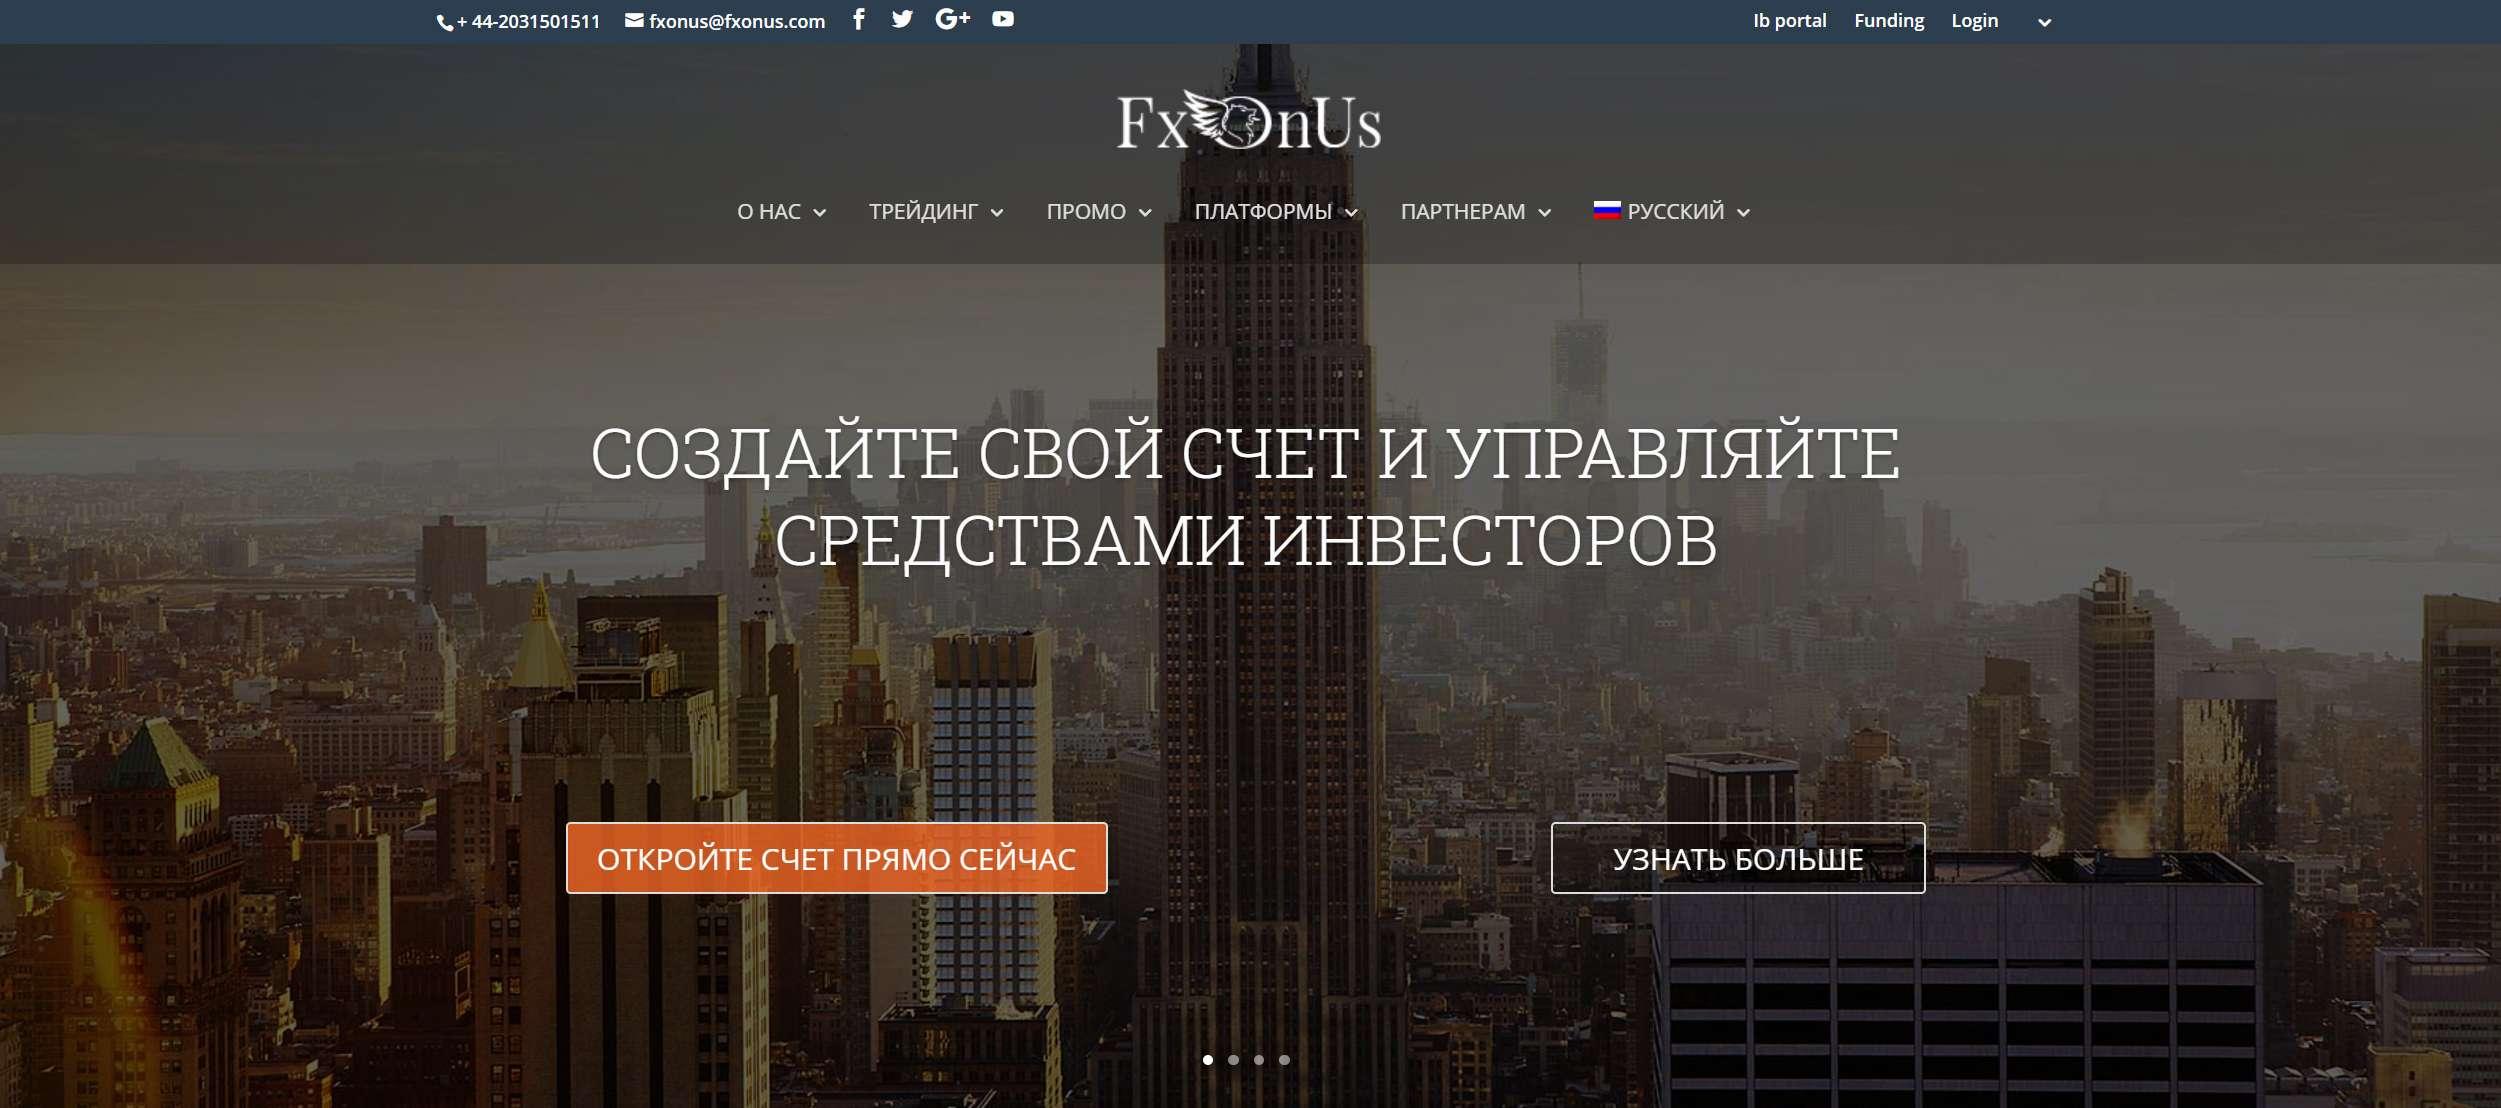 Псевдоброкер FxOnUs. Что мы знаем о мутном проекте?